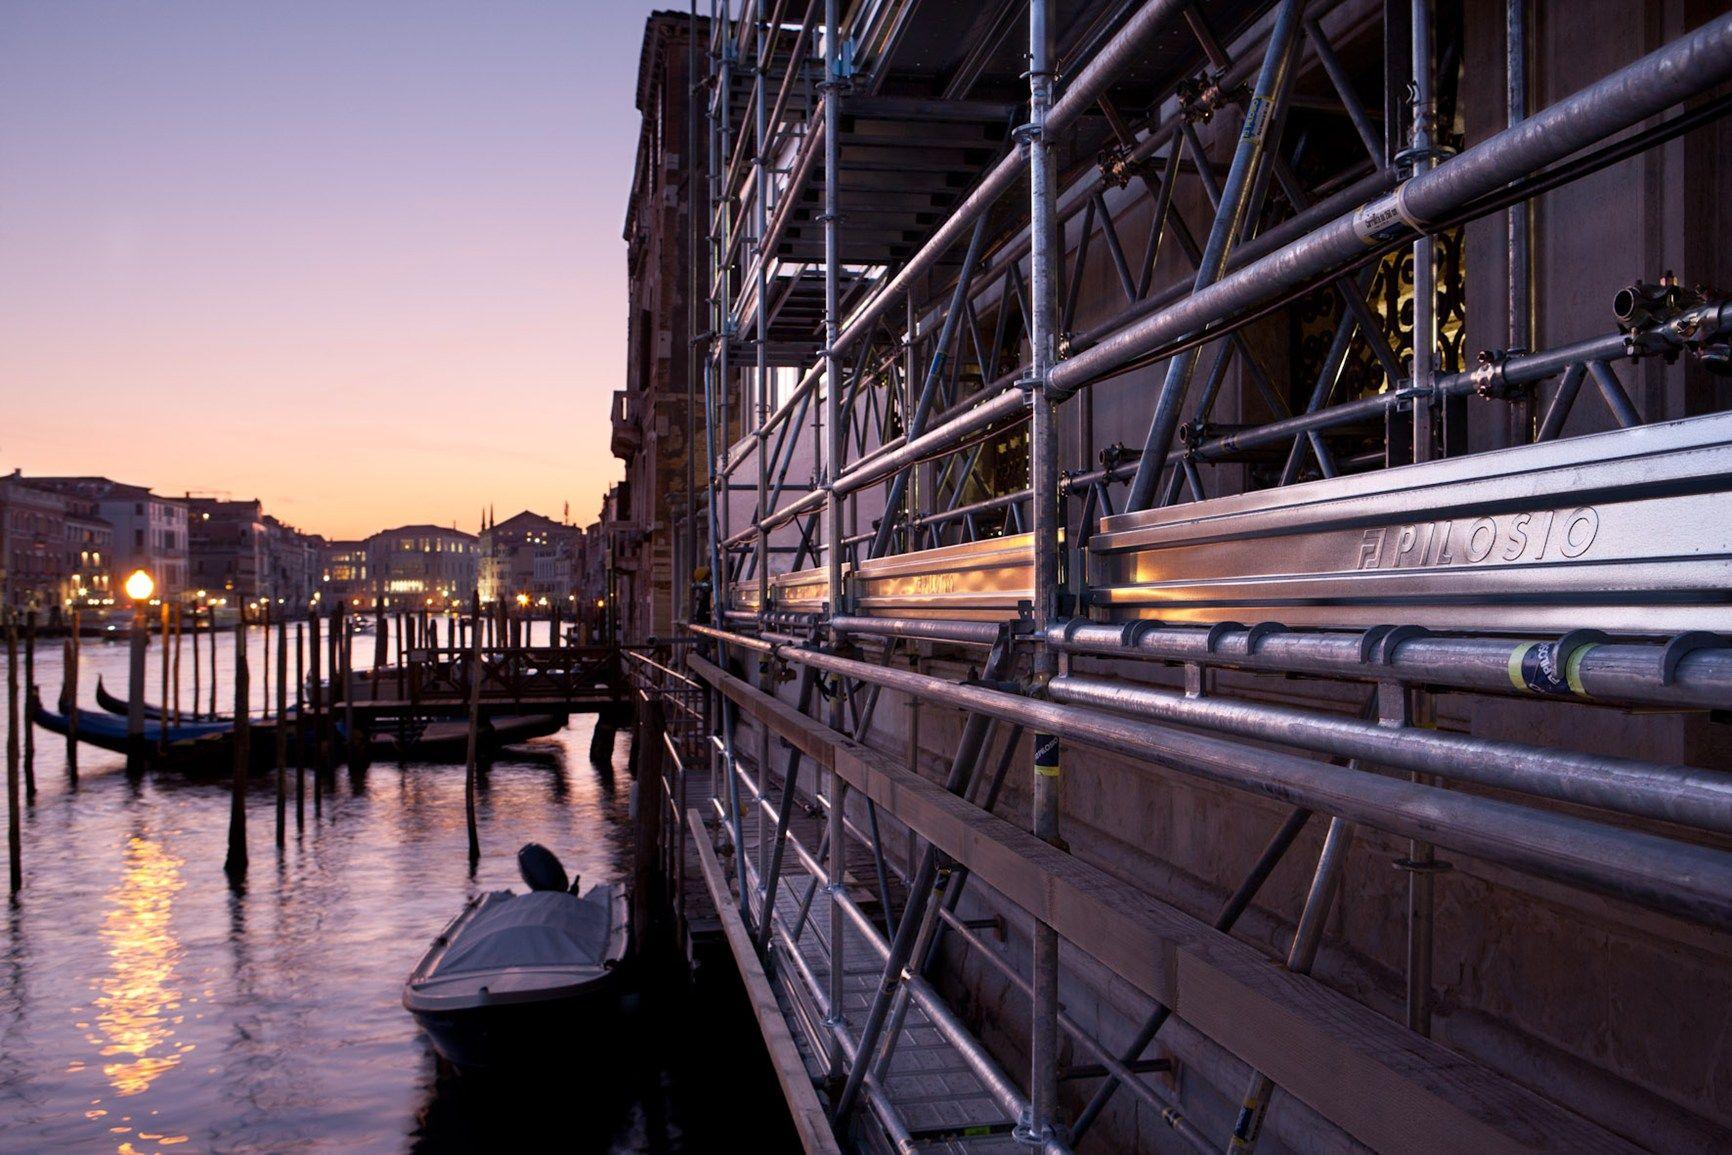 L'edilizia diventa arte: Pilosio e Dottor Group per il restauro di Palazzo Papadopoli a Venezia